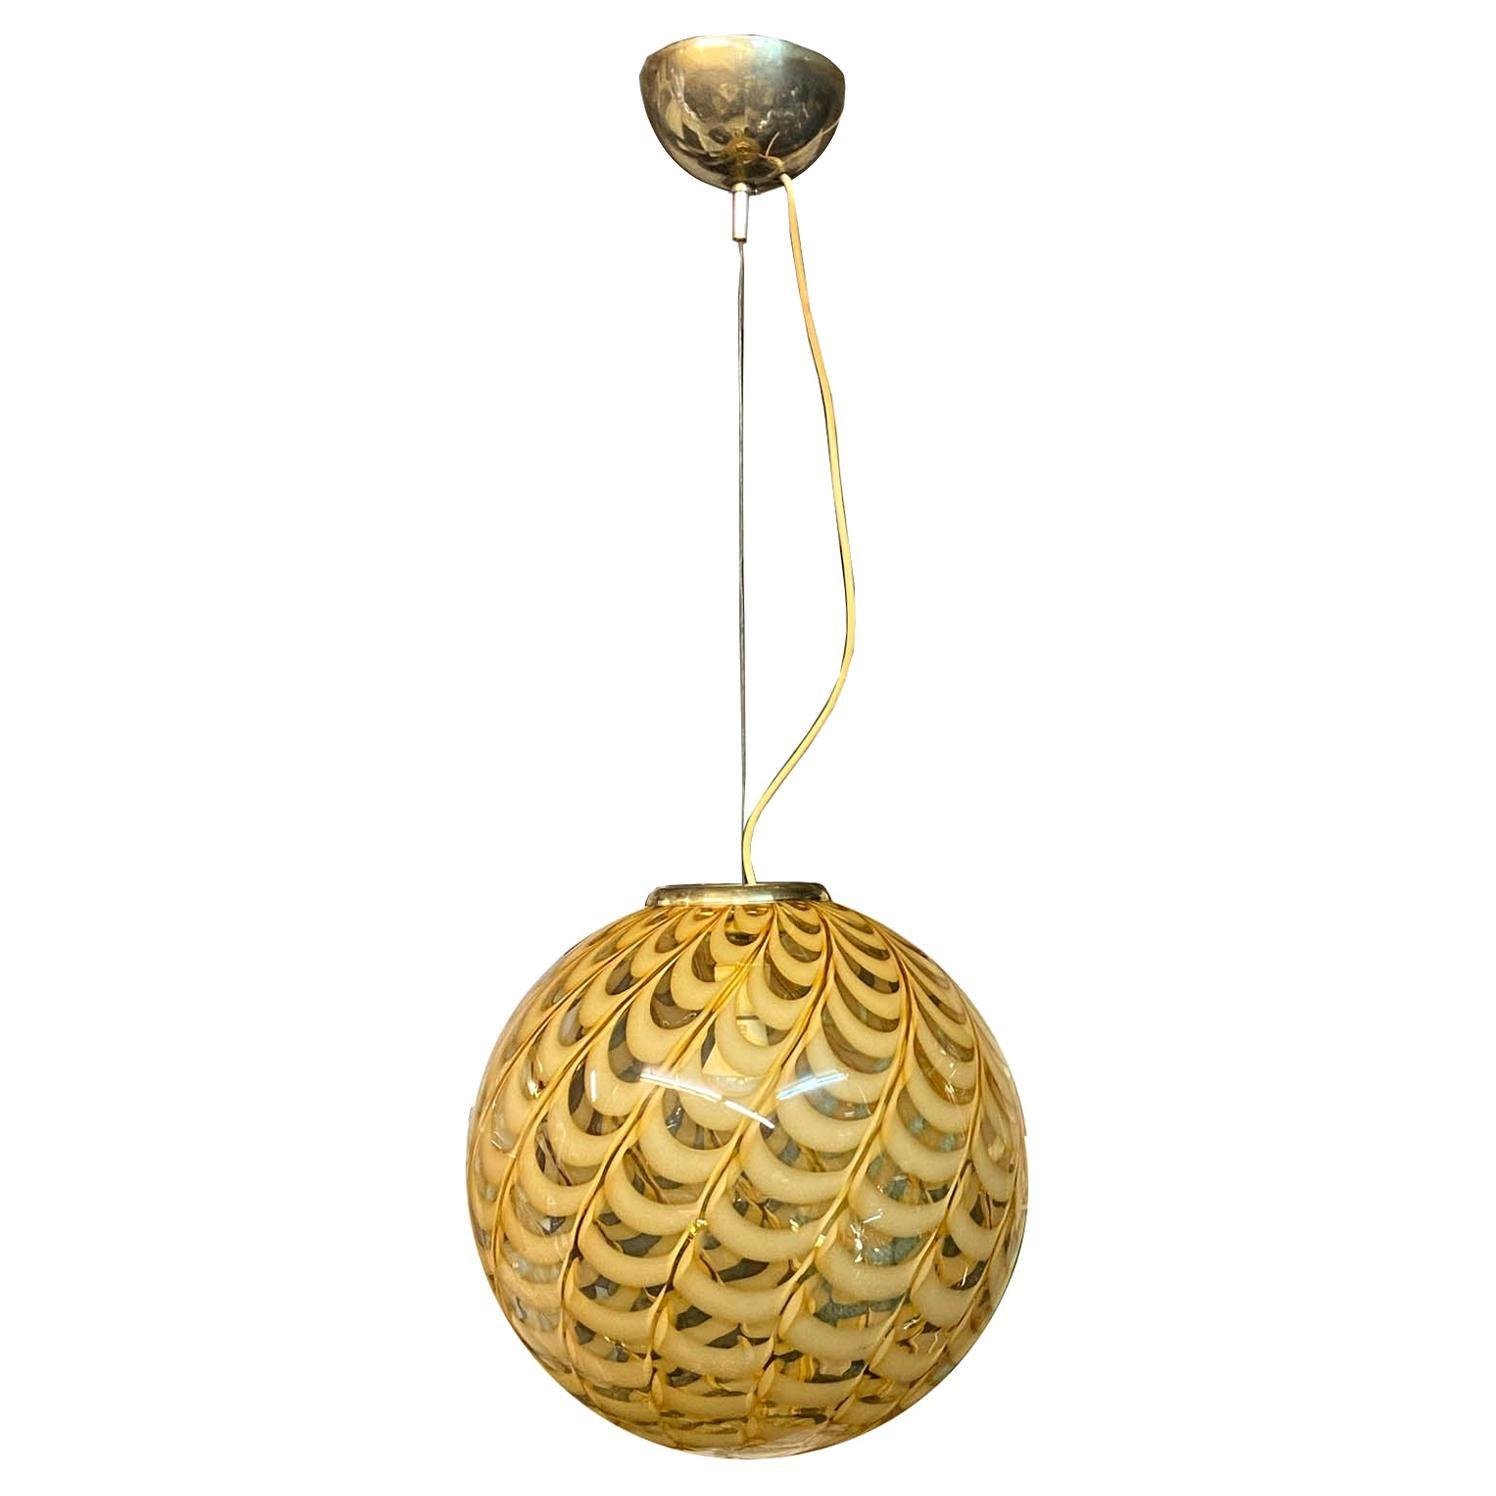 Venini Attributed Italian Murano Blown Glass Globe Pendant Chandelier, 1960s